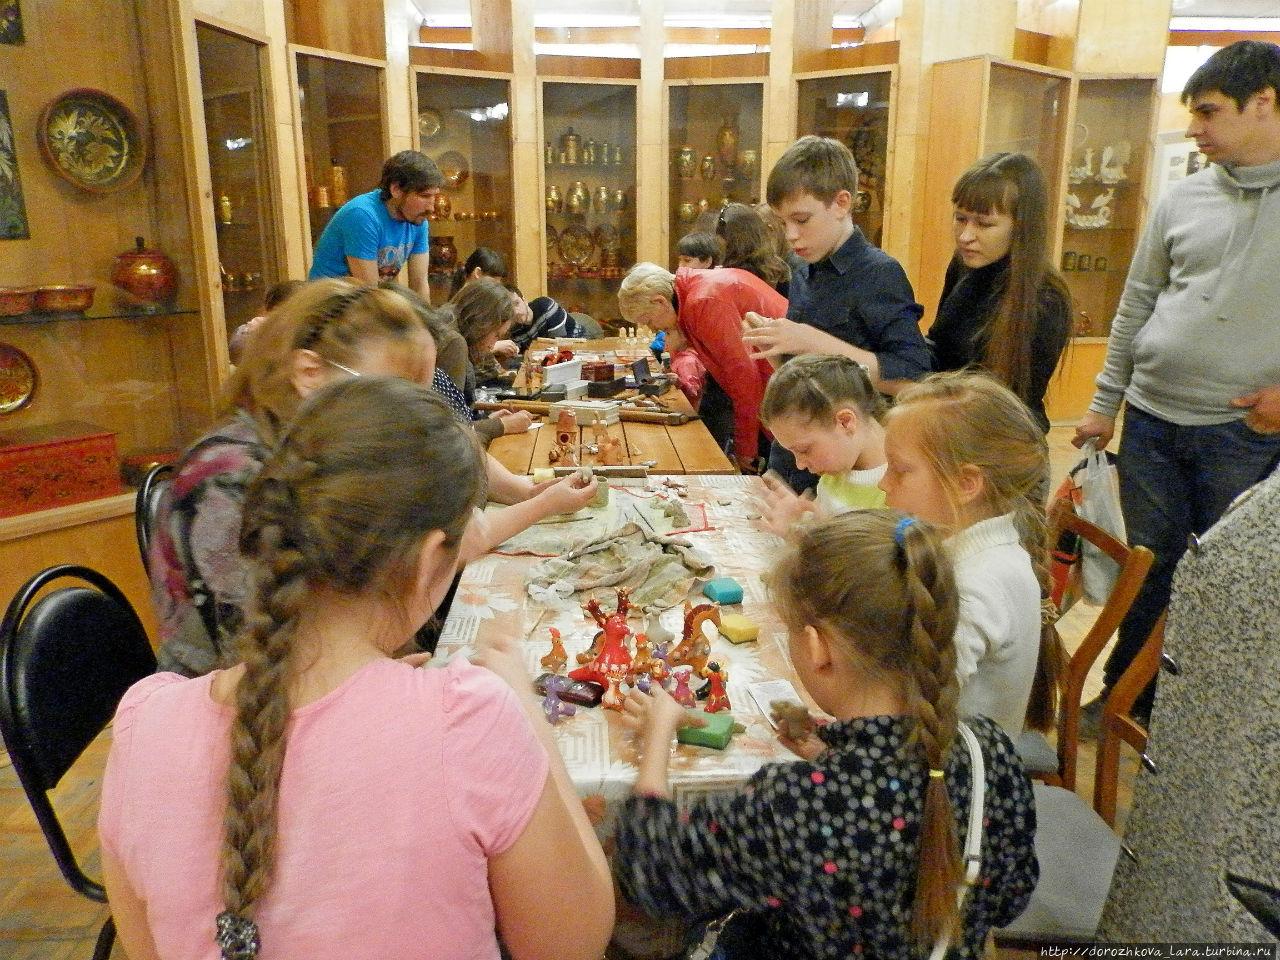 Дети, и взрослые тоже, с удовольствием участвуют в приобретении навыков лепки жбанниковских глиняных игрушек-свистулек